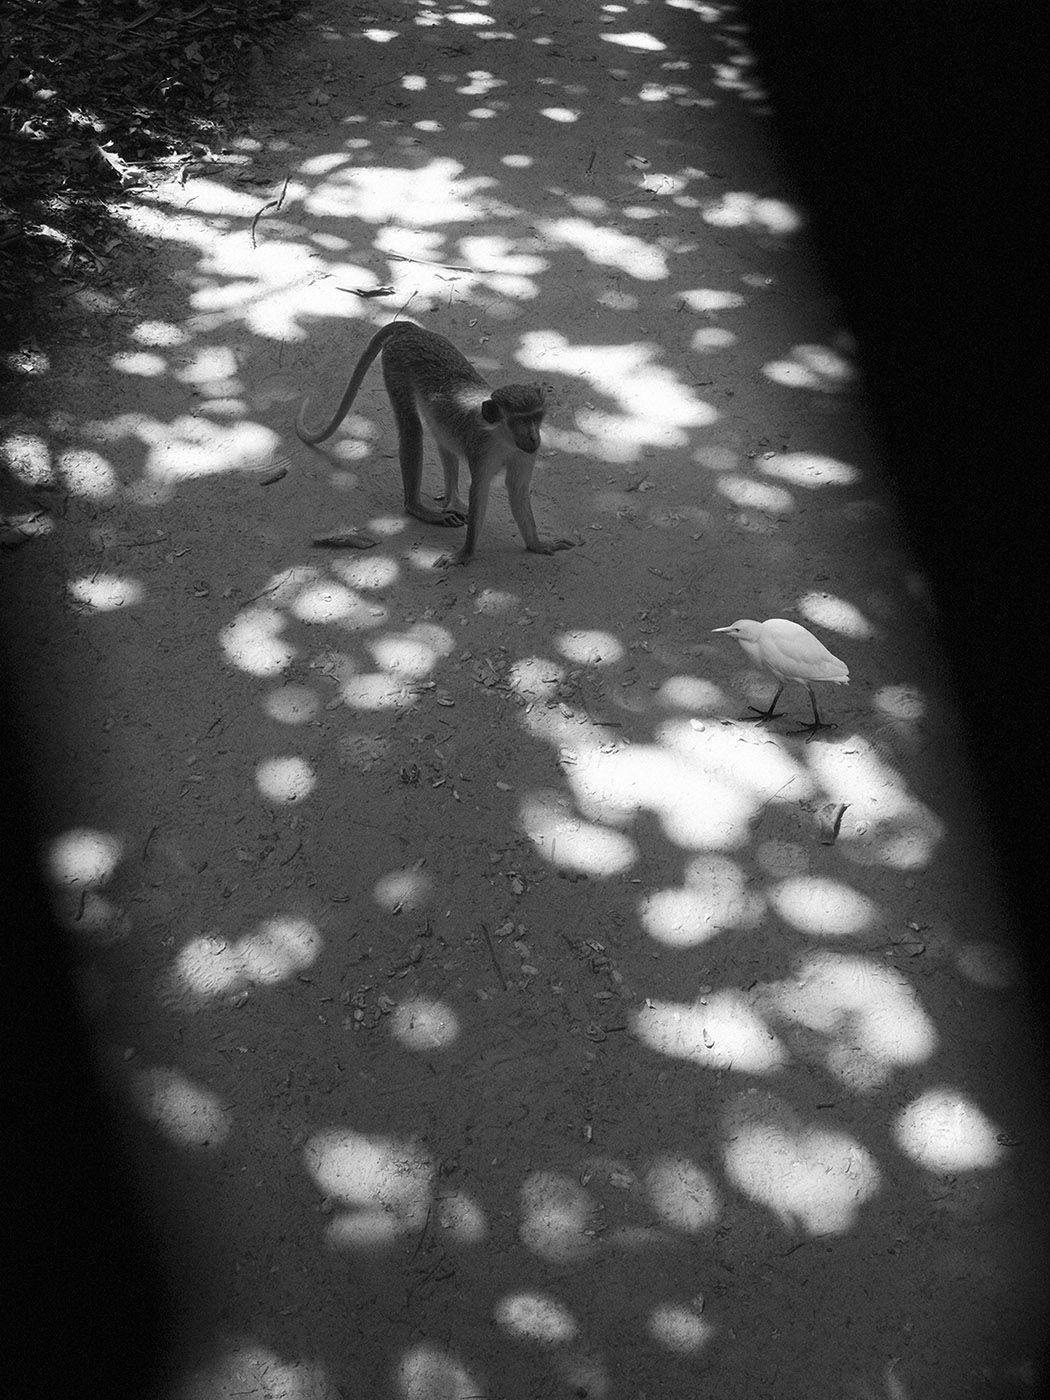 Obuko, Gambia